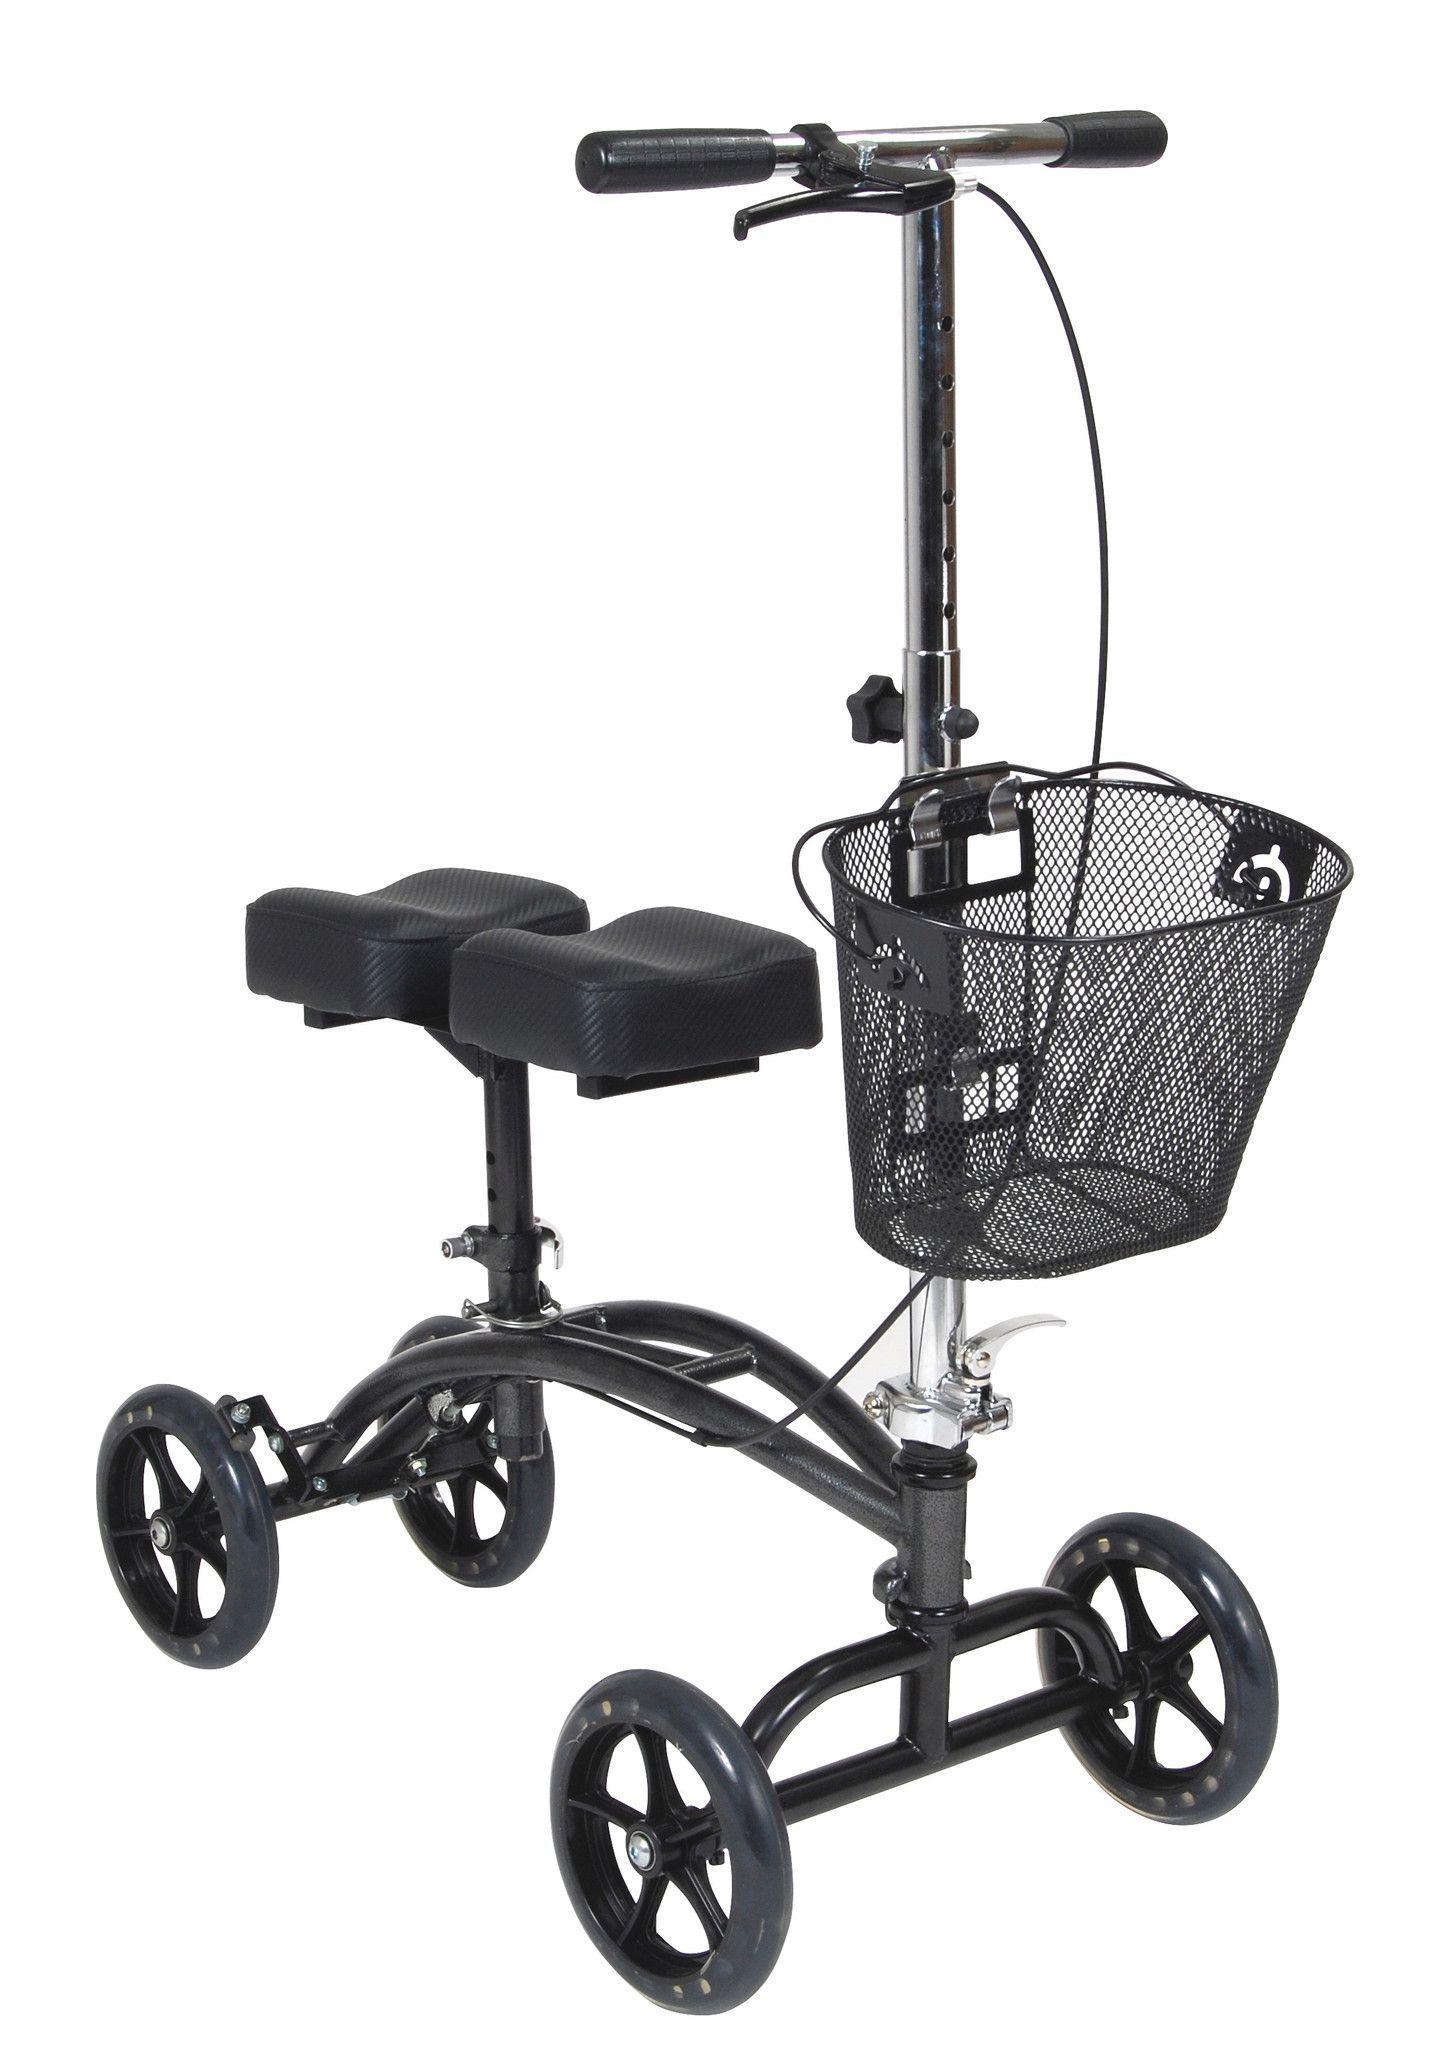 Knee Walker, Steerable with Basket, Drive 796 Knee